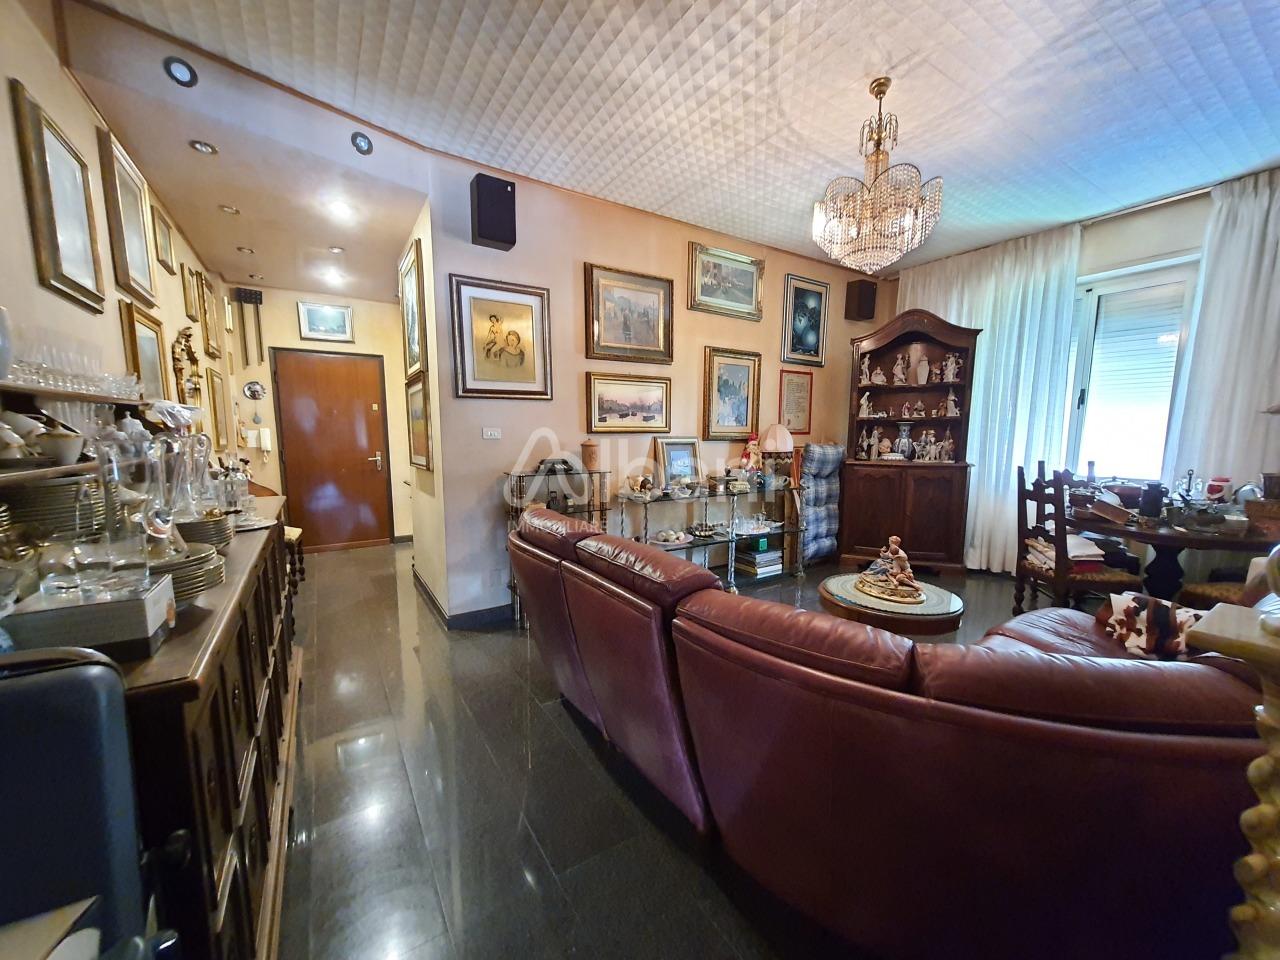 Appartamento in vendita a La Spezia, 4 locali, prezzo € 160.000 | PortaleAgenzieImmobiliari.it